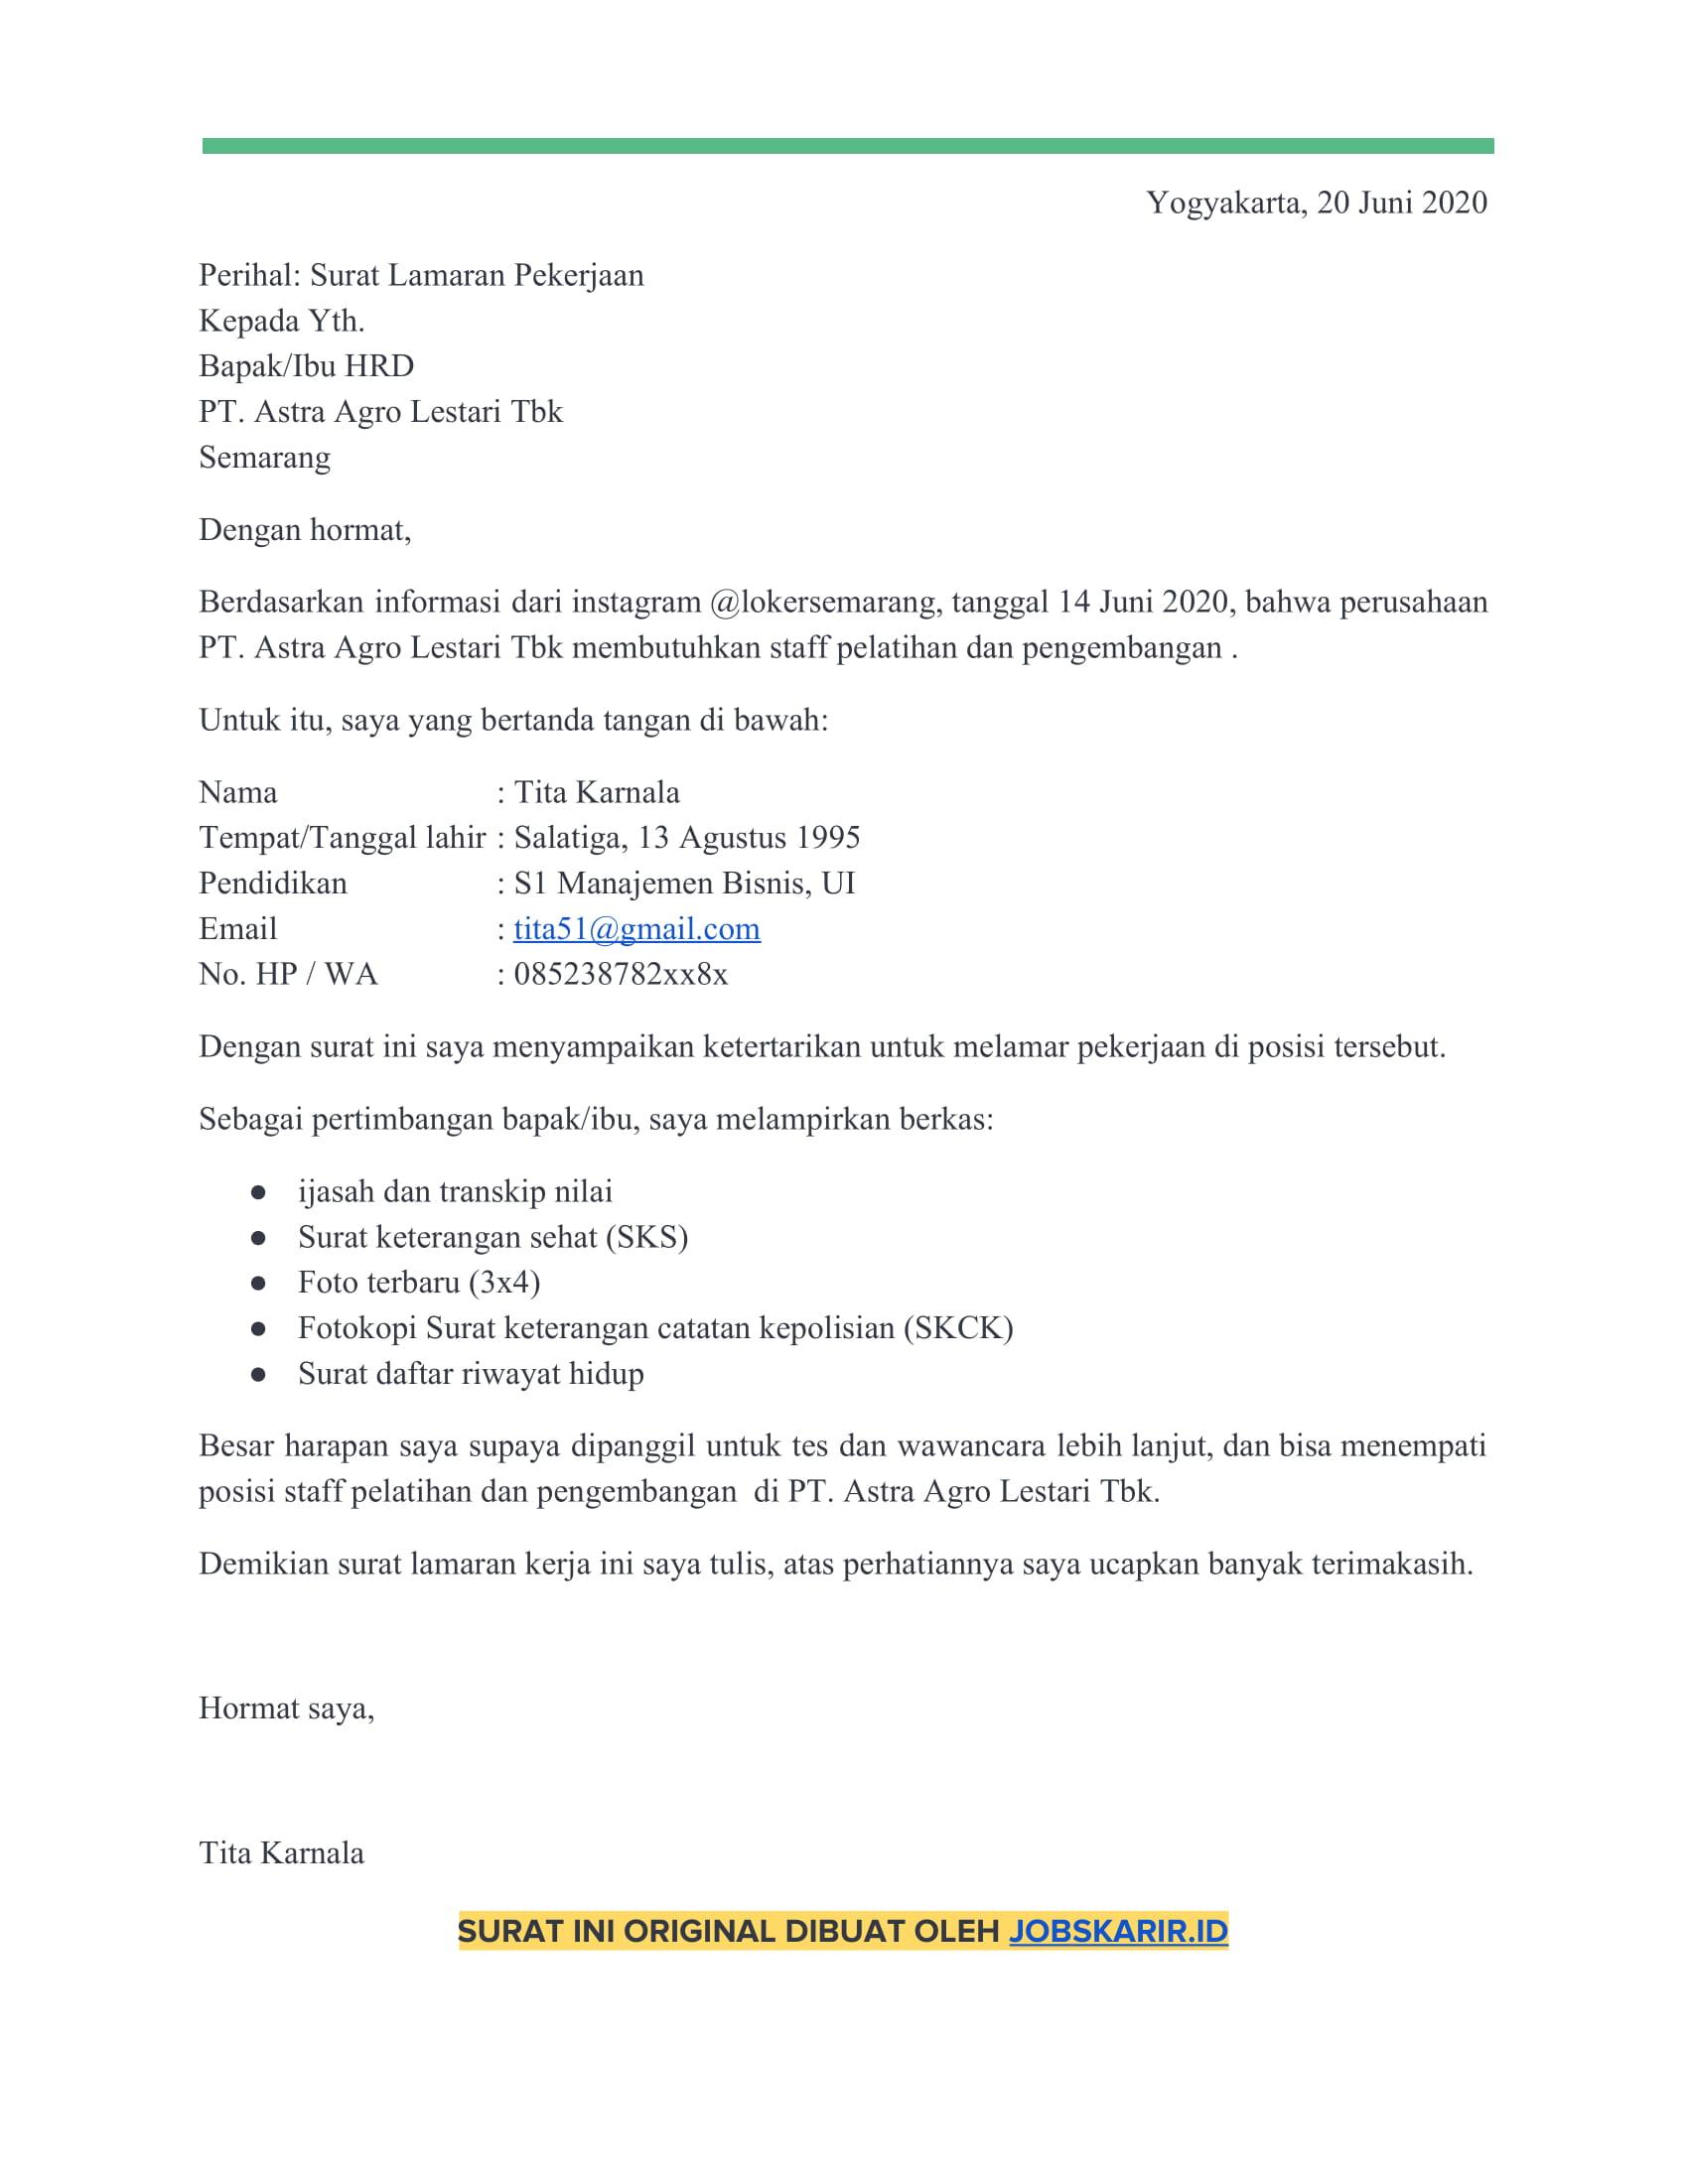 contoh cover letter 38 Pelatihan dan pengembangan